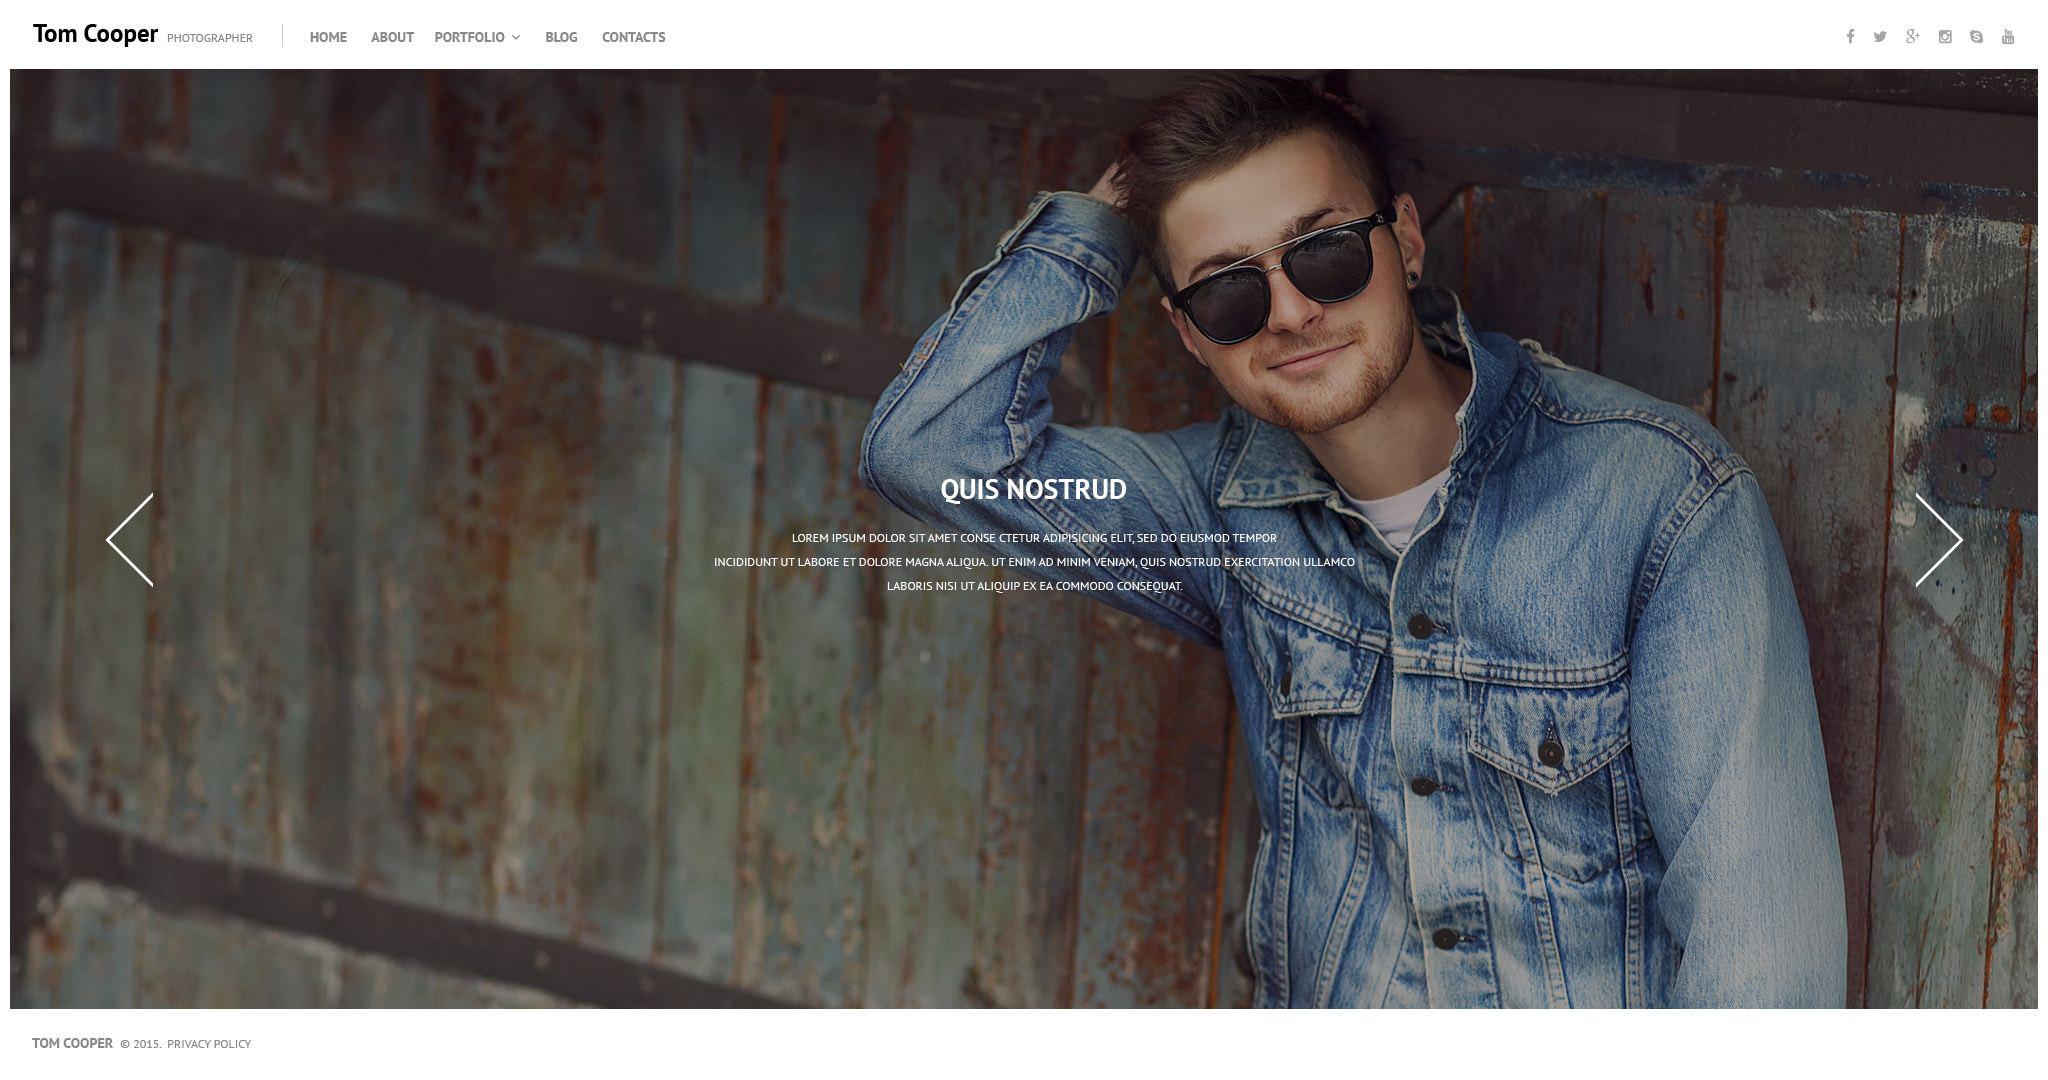 Reszponzív Online Portfolio WordPress sablon 53934 - képernyőkép